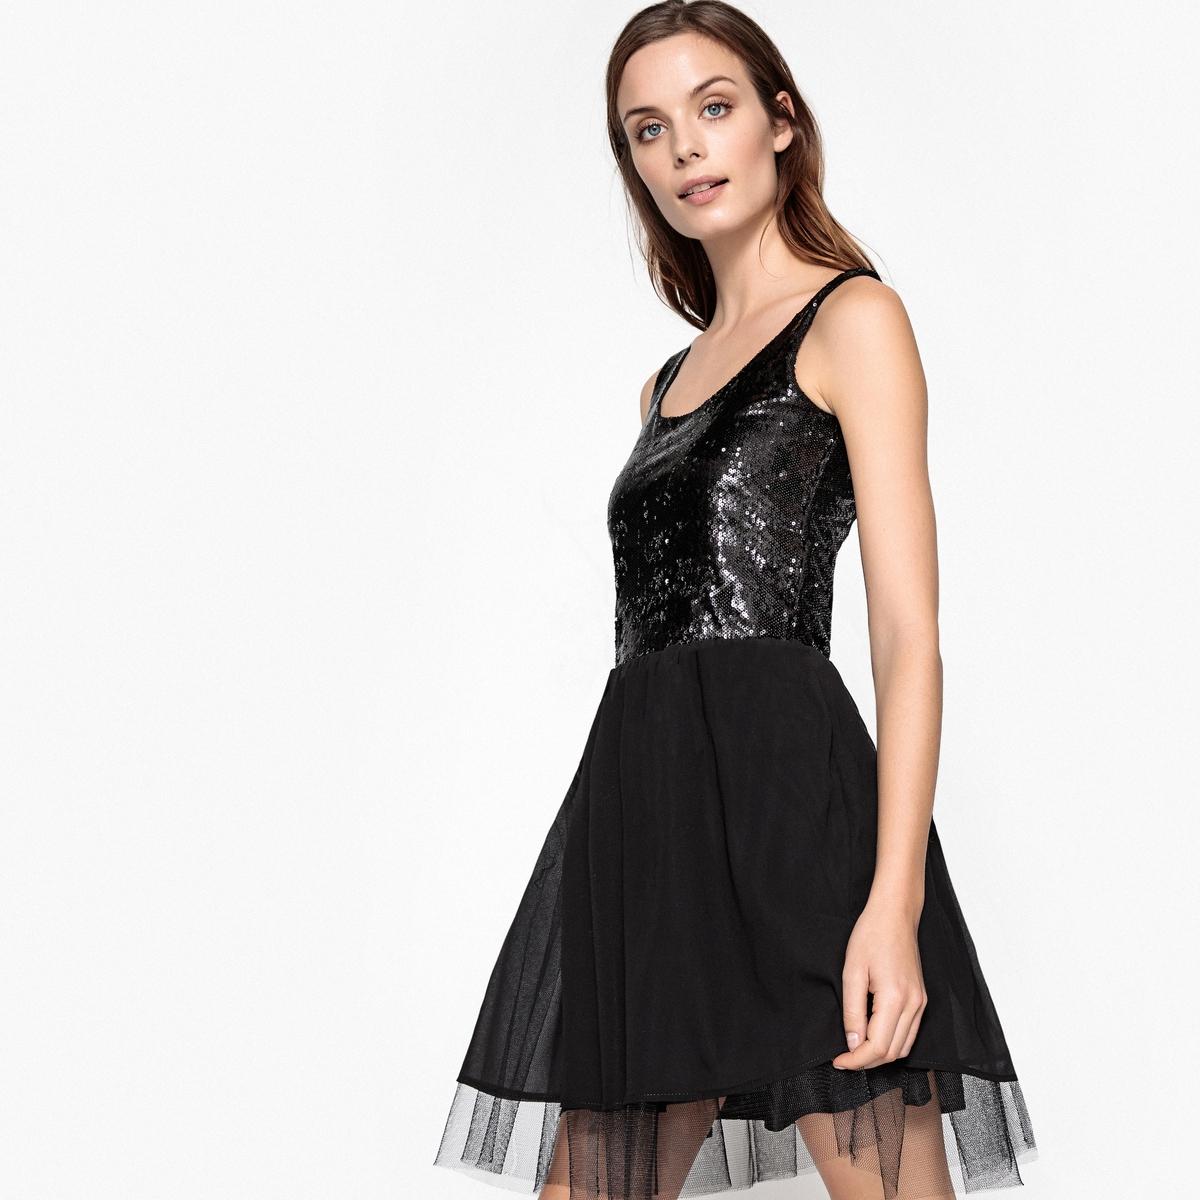 Платье расклешенное, верх с блестками, низ из вуали в виде юбки